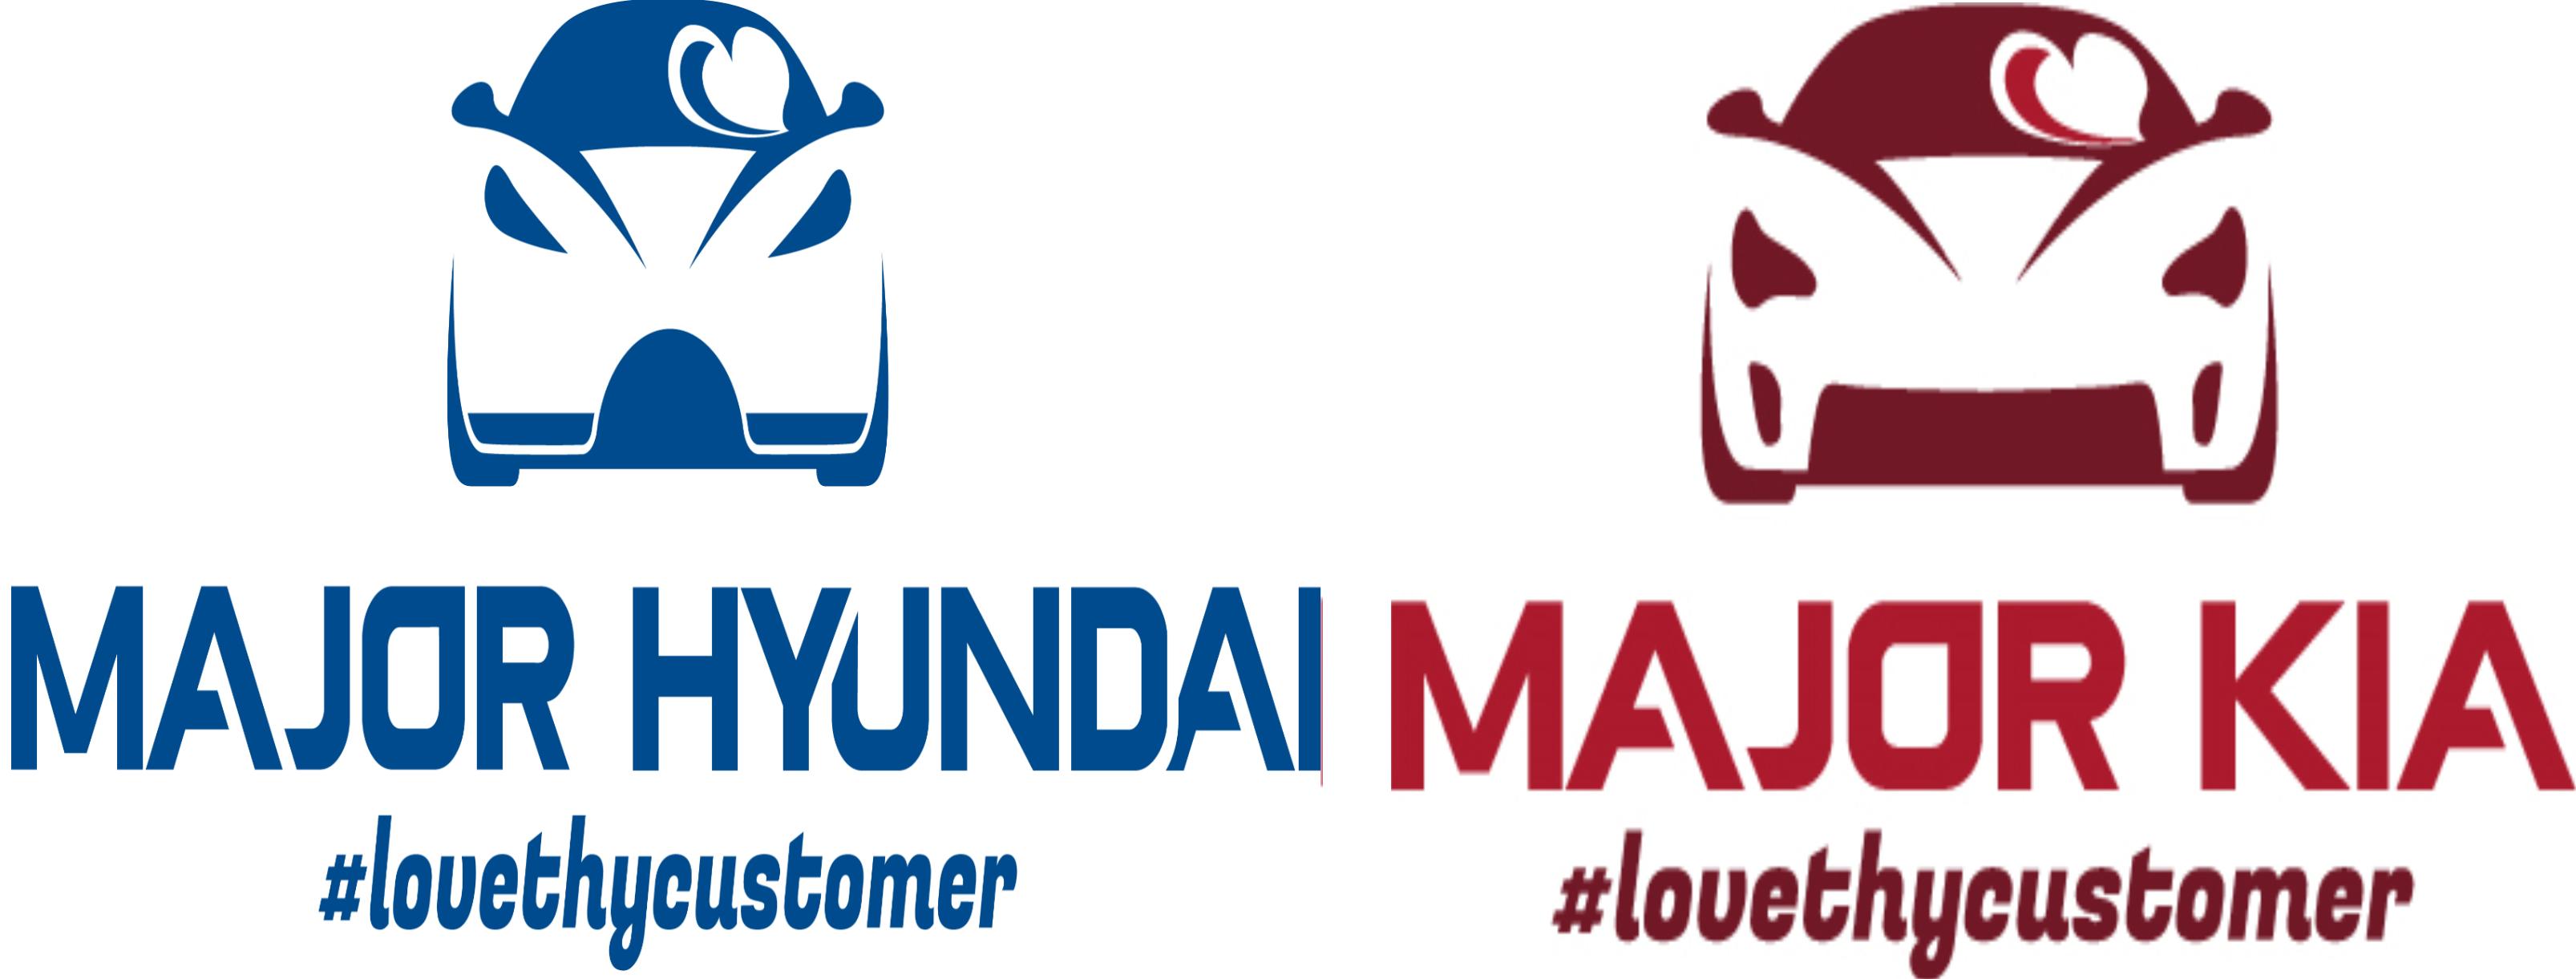 Major Hyundai / Major Kia